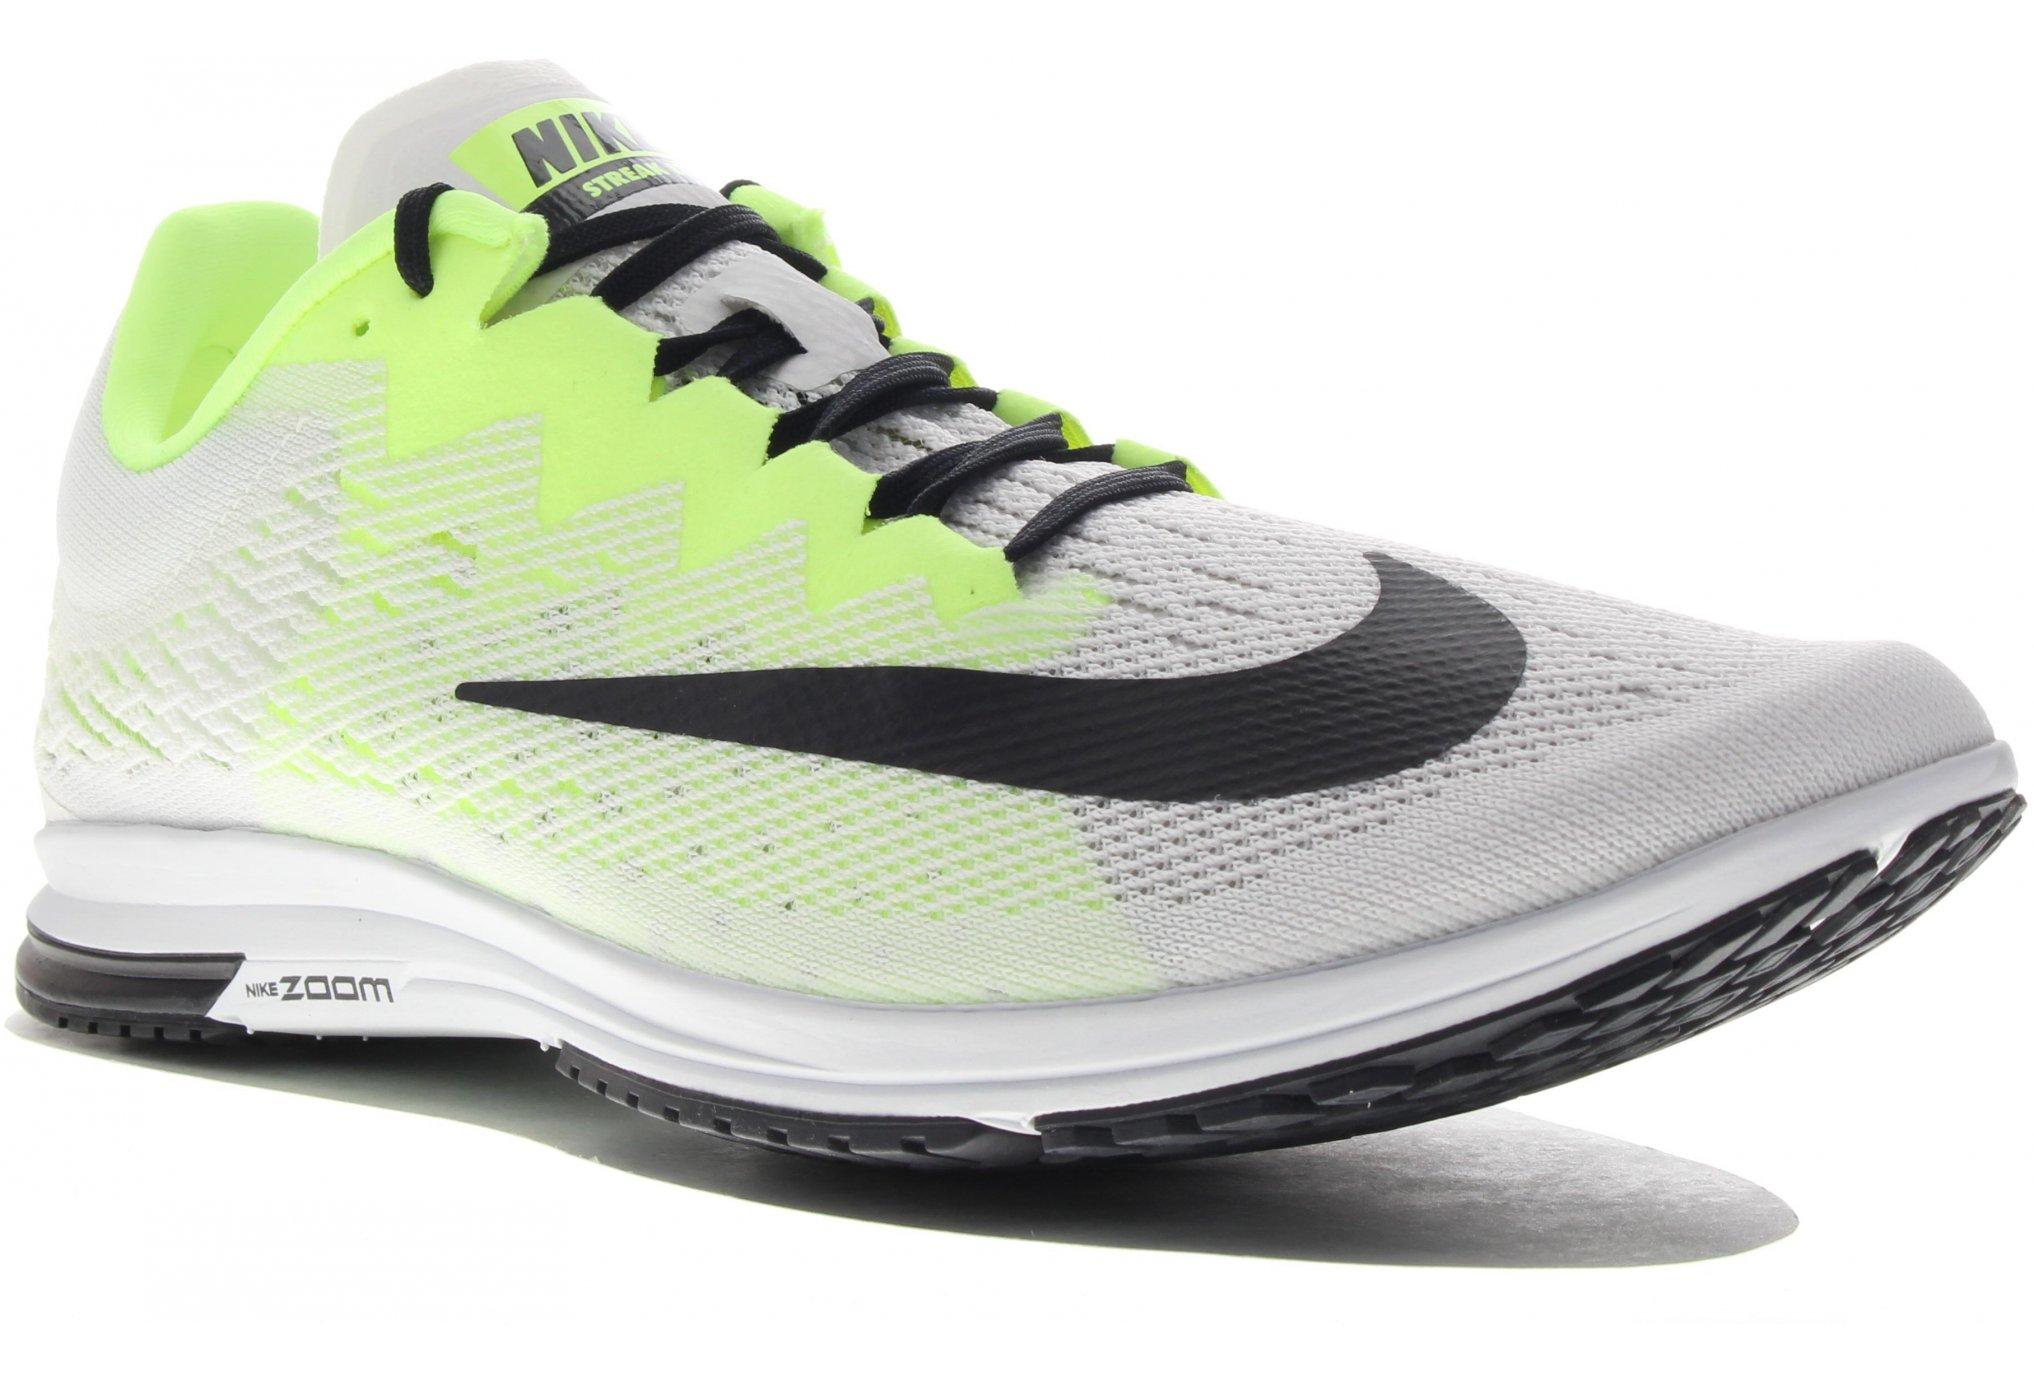 Nike Zoom Streak LT 4